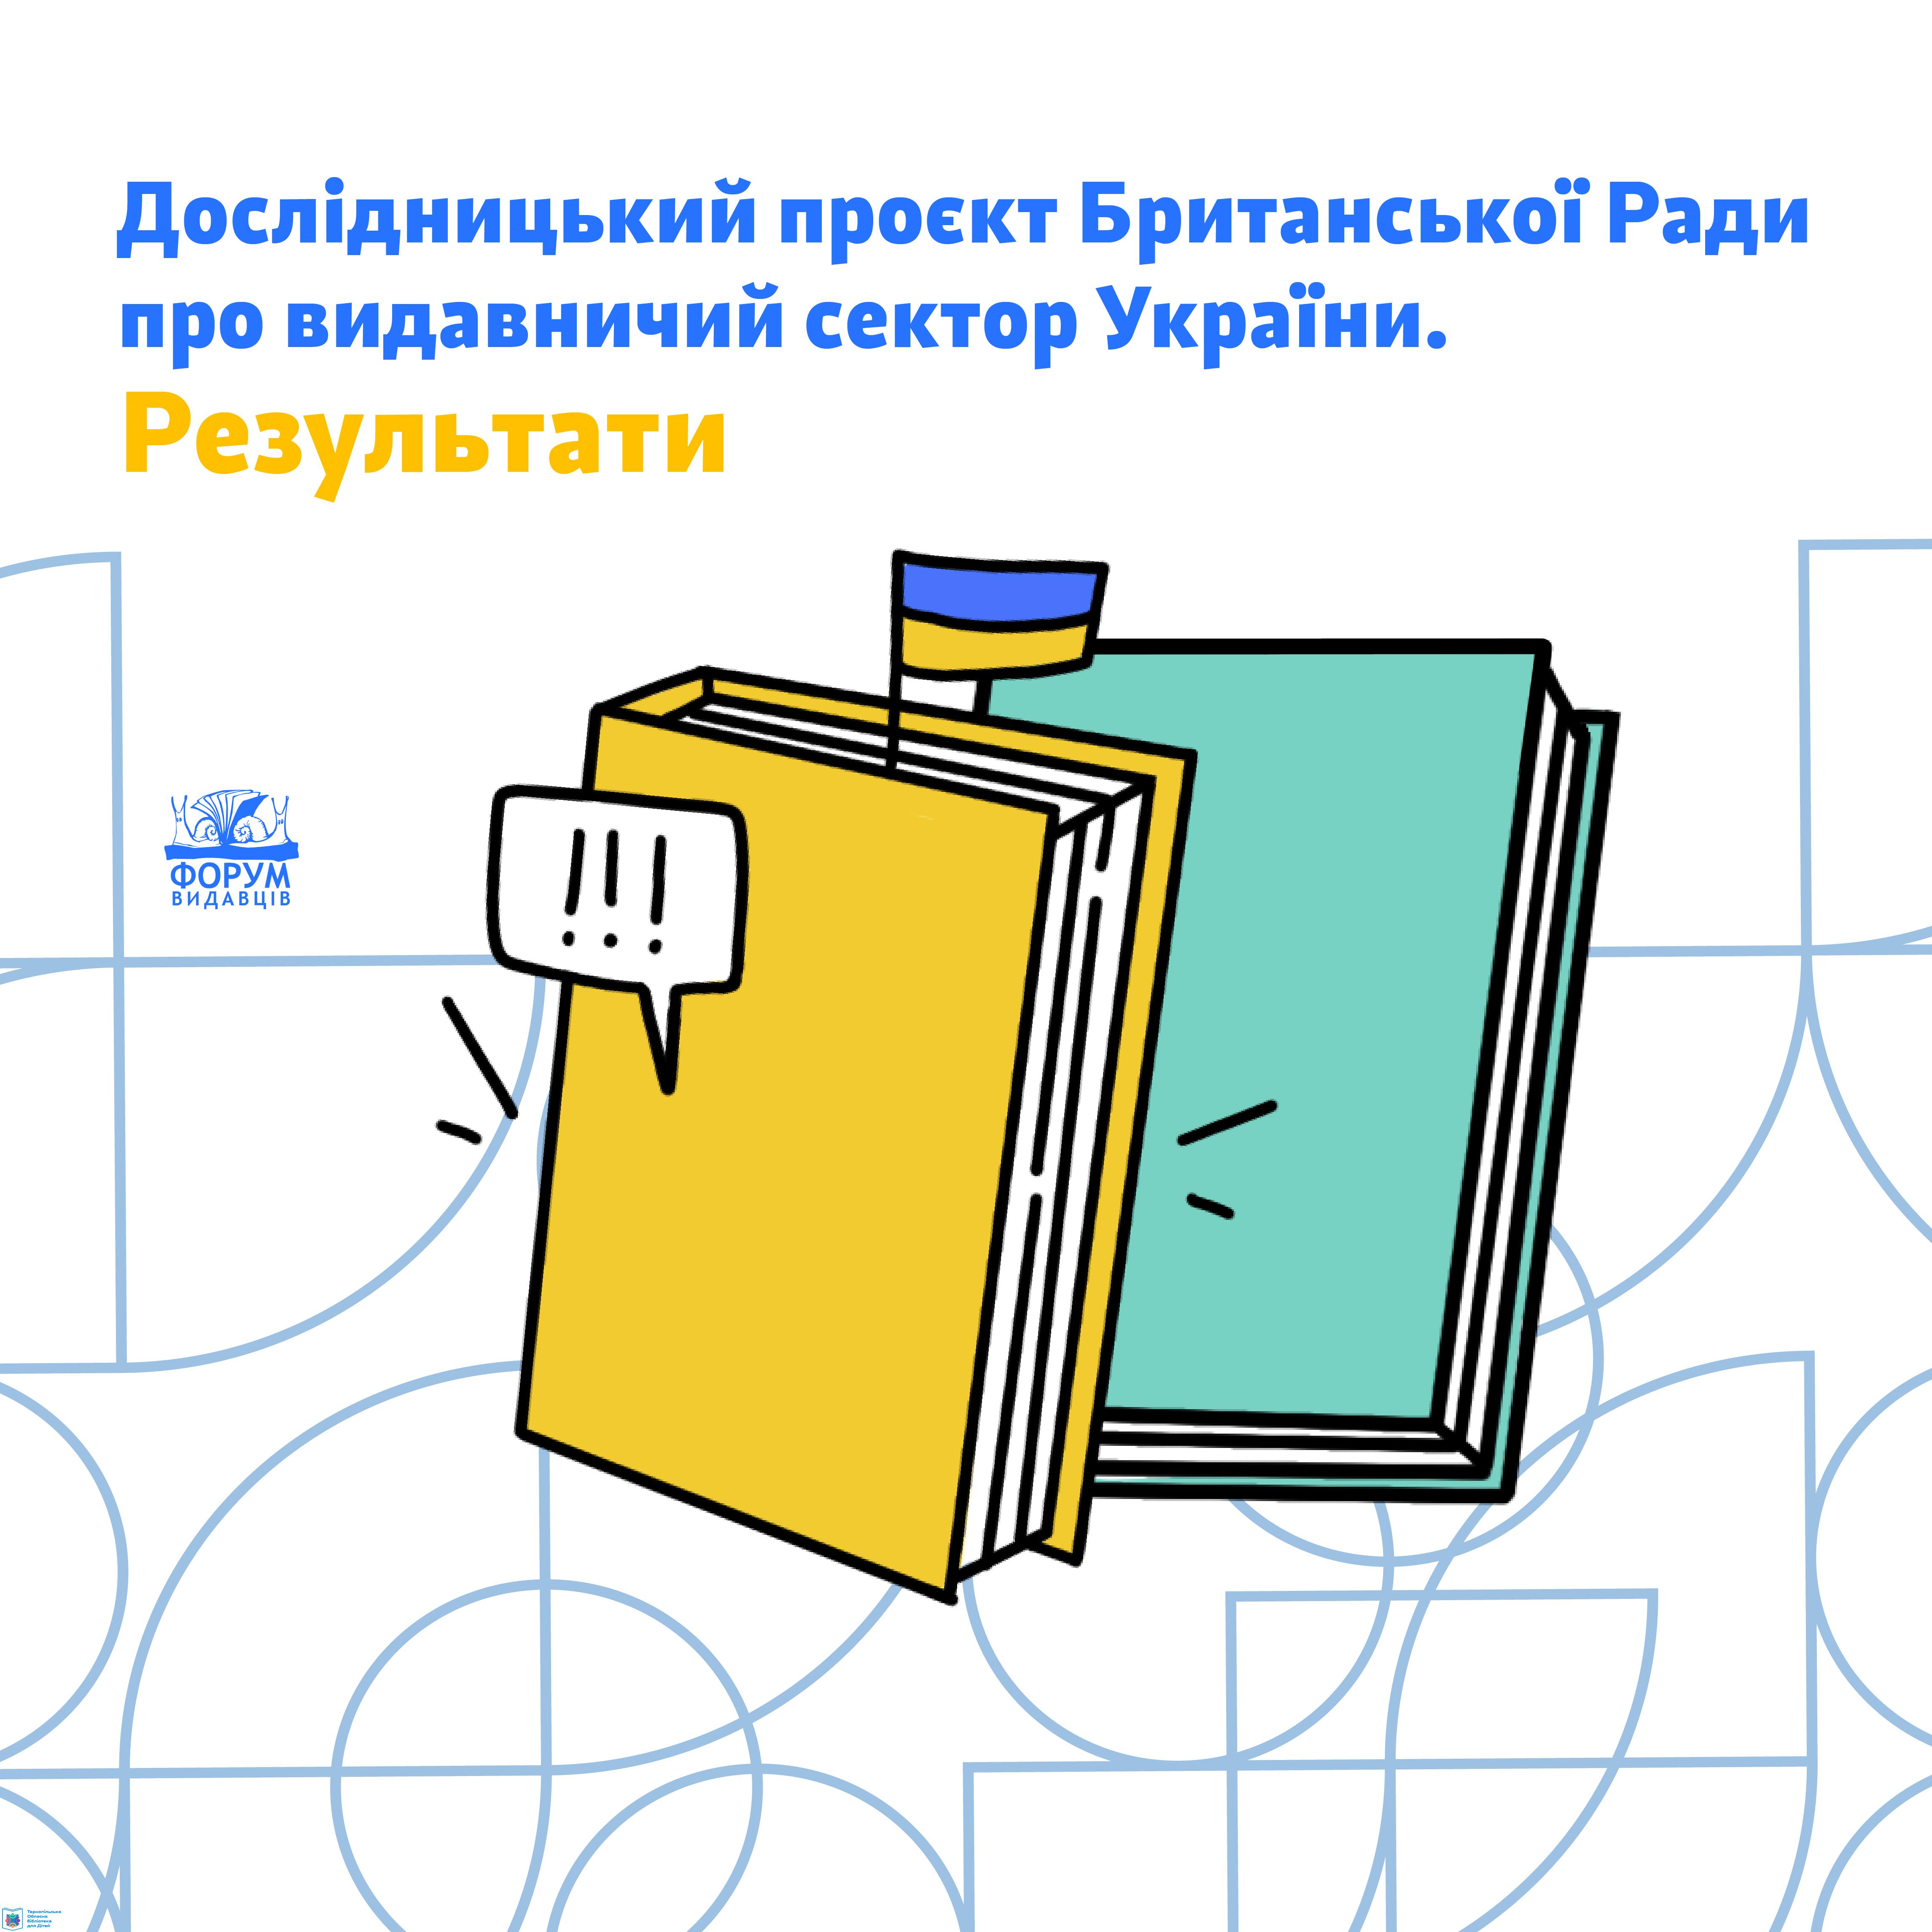 Результати дослідження Британської ради української видавничої галузі